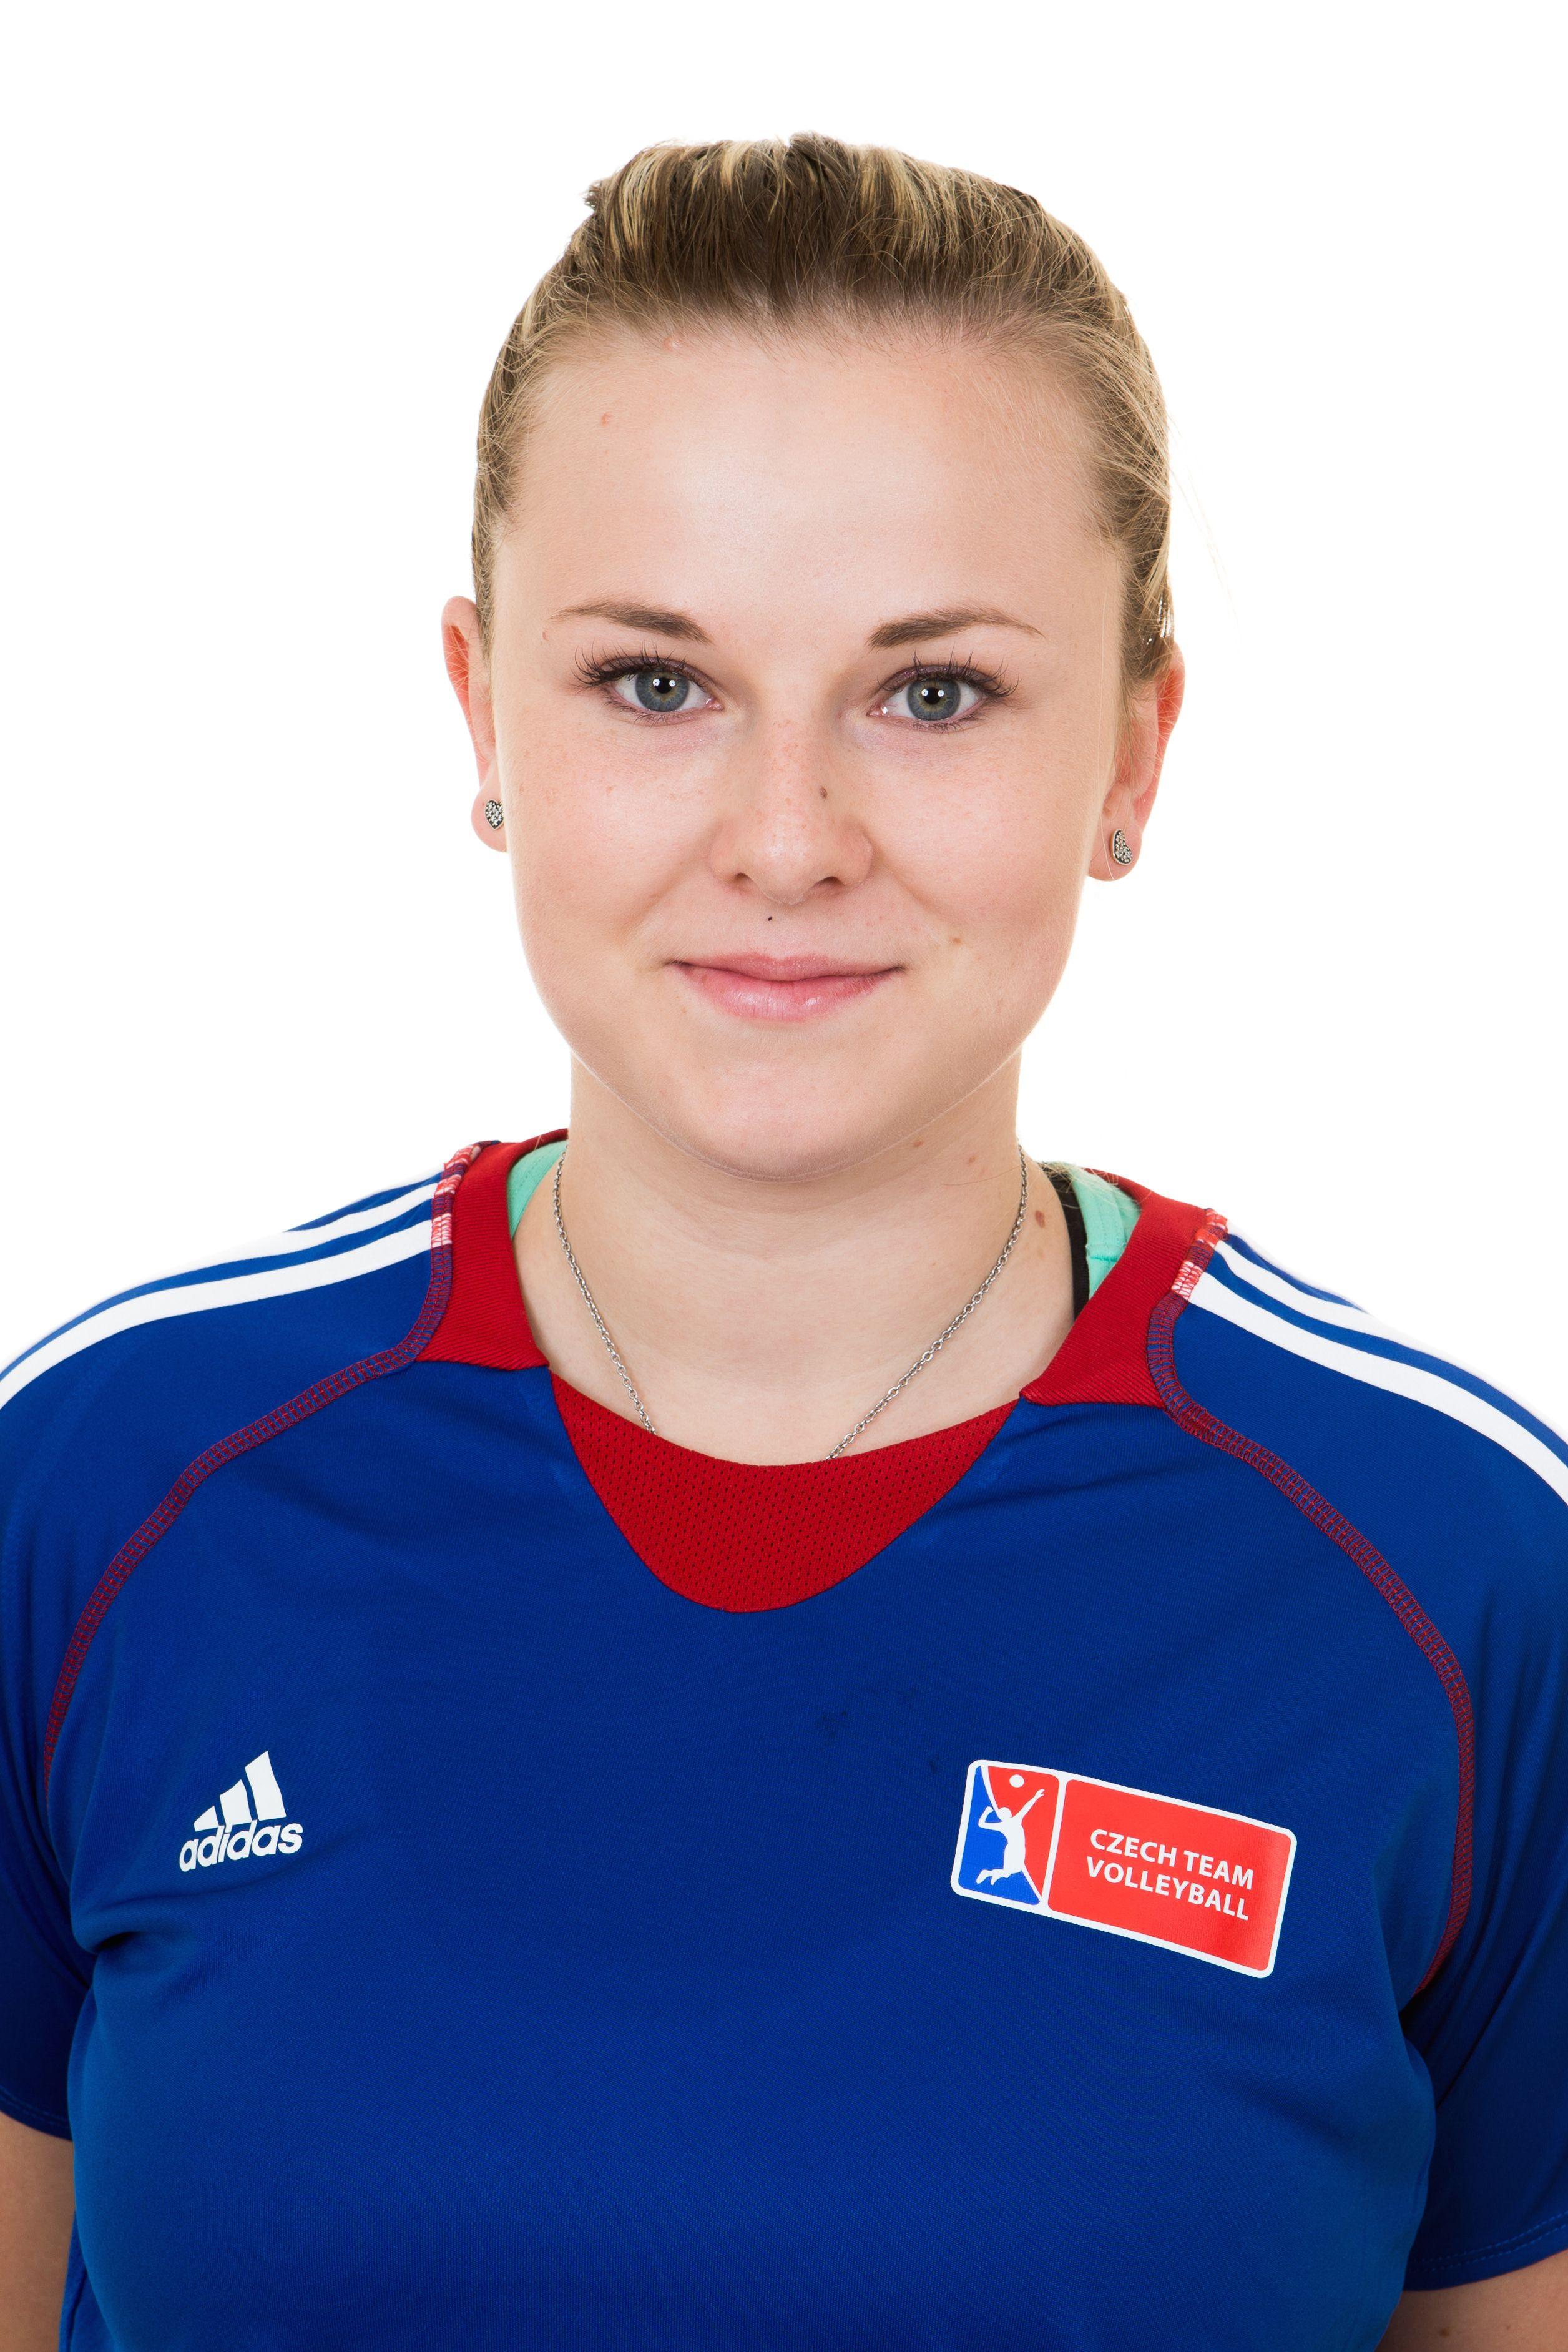 Tereza Vanzurova